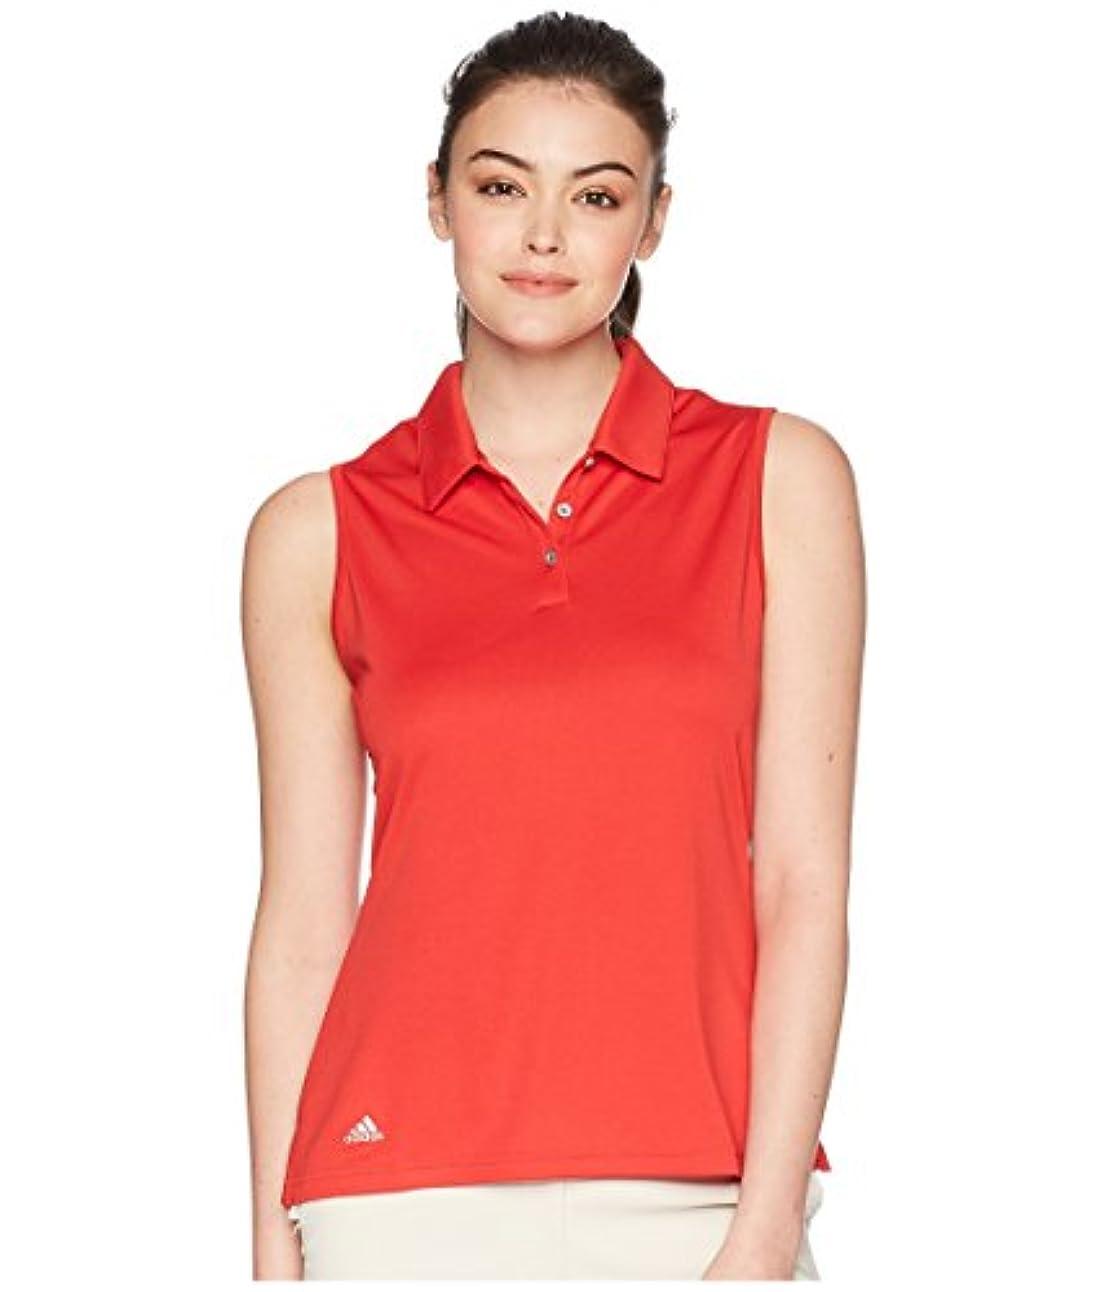 テラスレトルト予測する(アディダス) adidas レディースタンクトップ?Tシャツ Performance Sleeveless Polo Collegiate Red 2XL (2XL) One Size